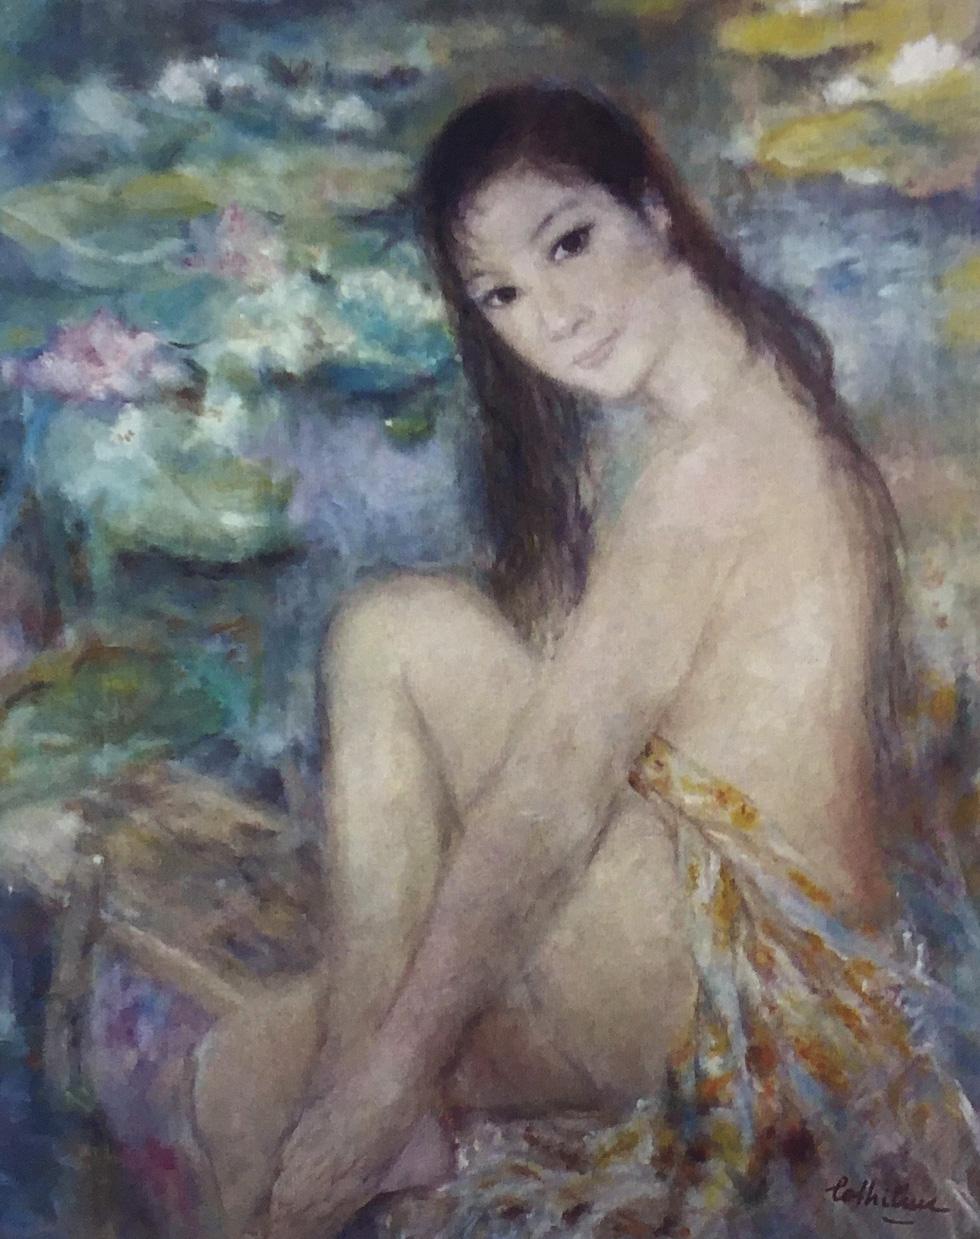 Đón 26 tác phẩm của họa sĩ Lê Thị Lựu tại triển lãm Ấn tượng hoàng hôn - Ảnh 4.